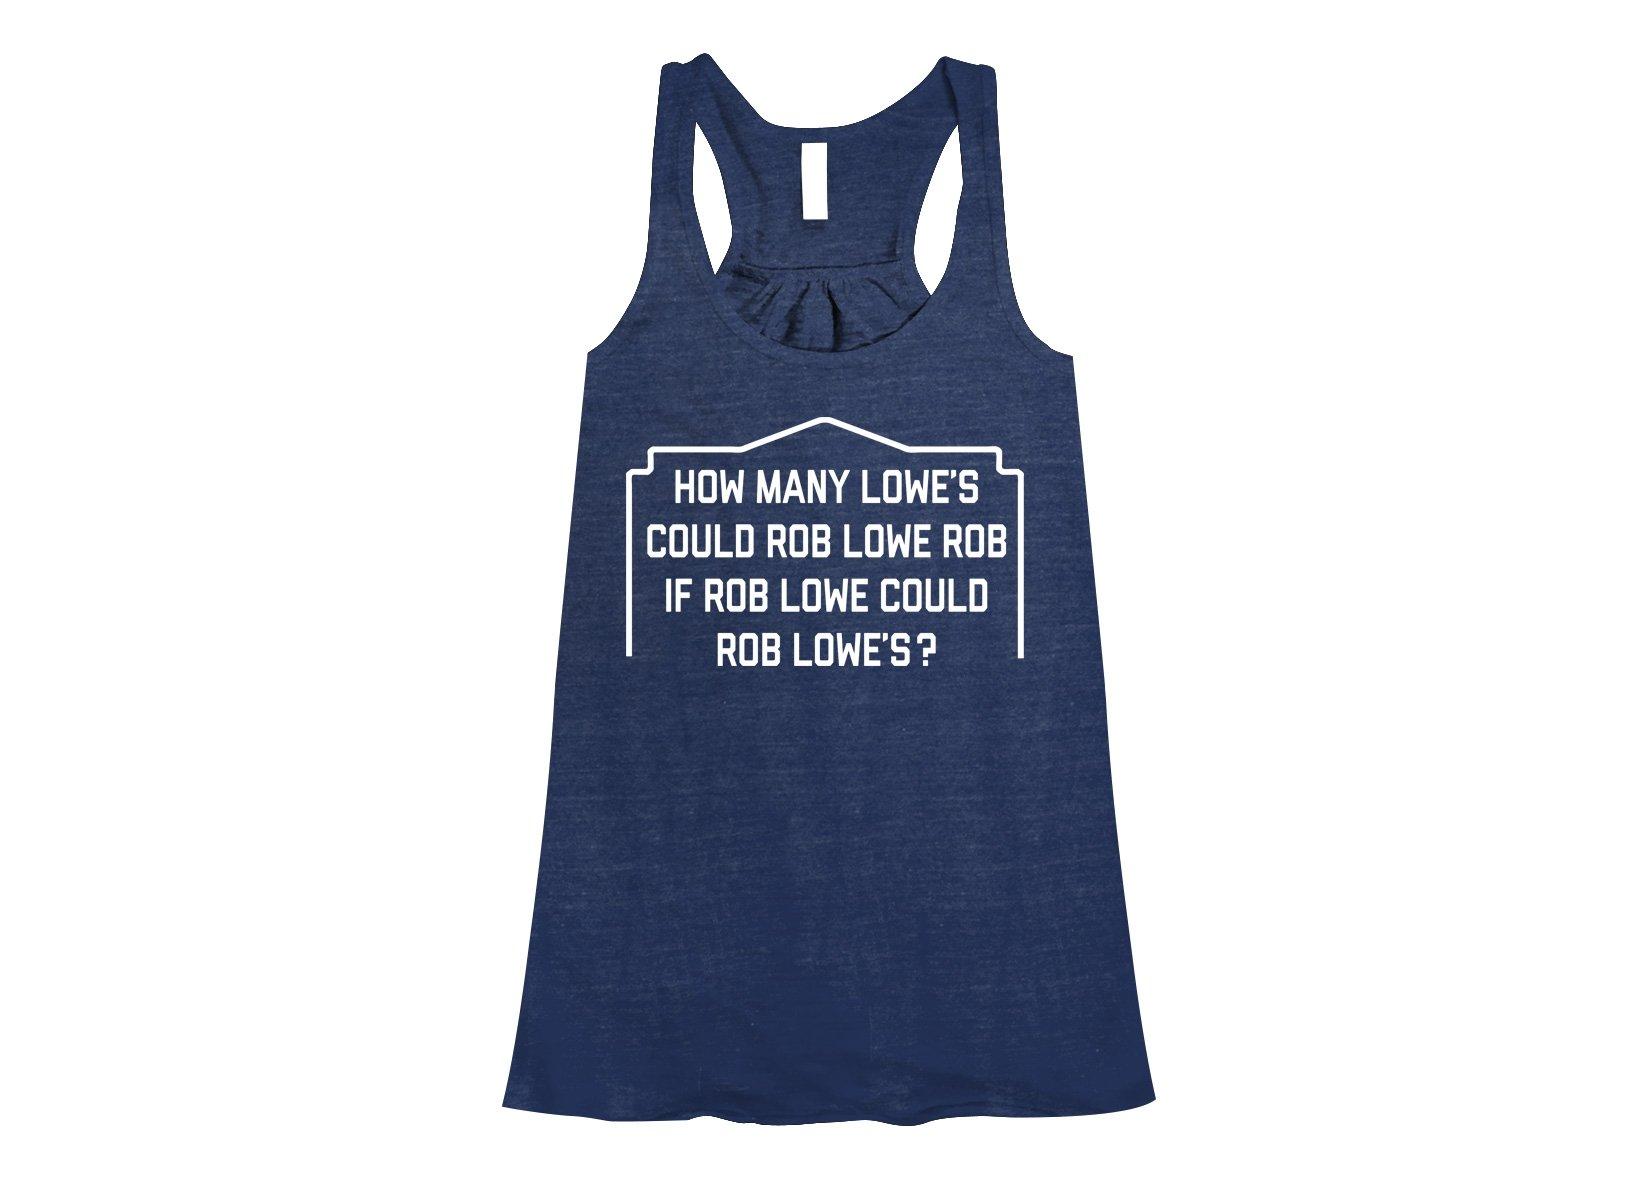 Rob Lowe Rob on Womens Tanks T-Shirt